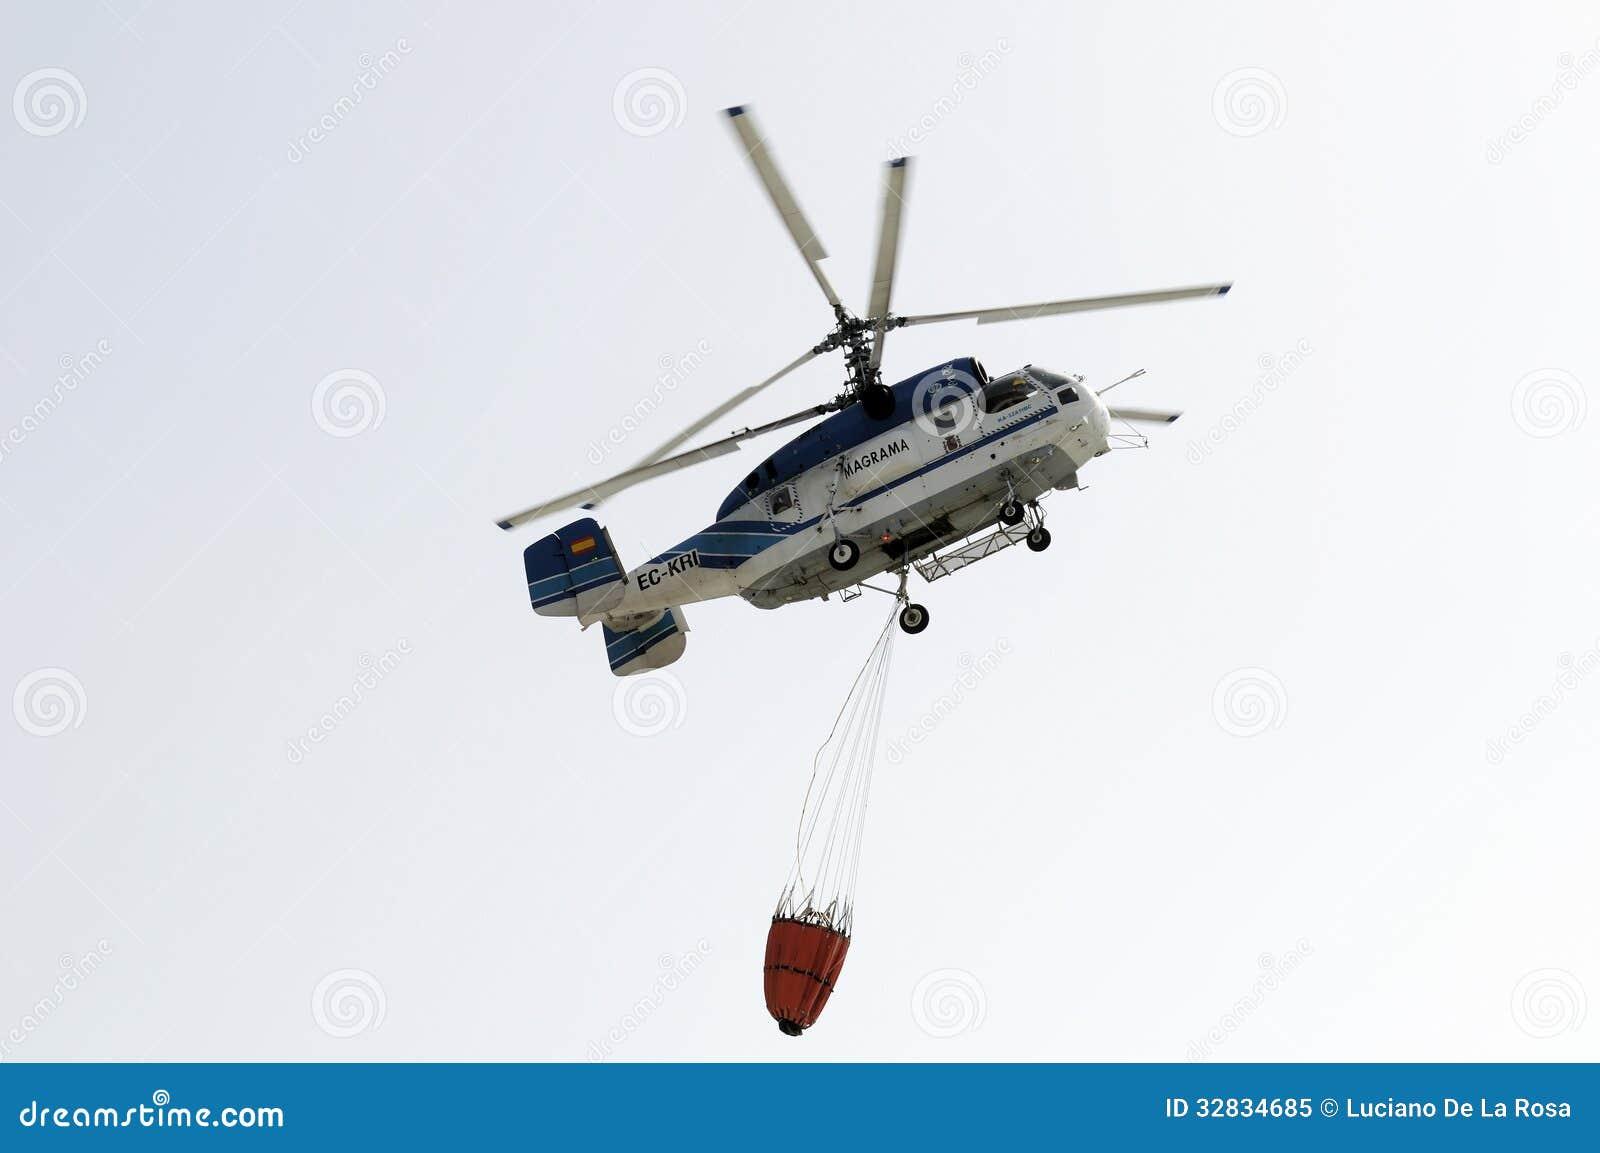 Elicottero Rosa : Tenerife il agosto elicottero di estinzione